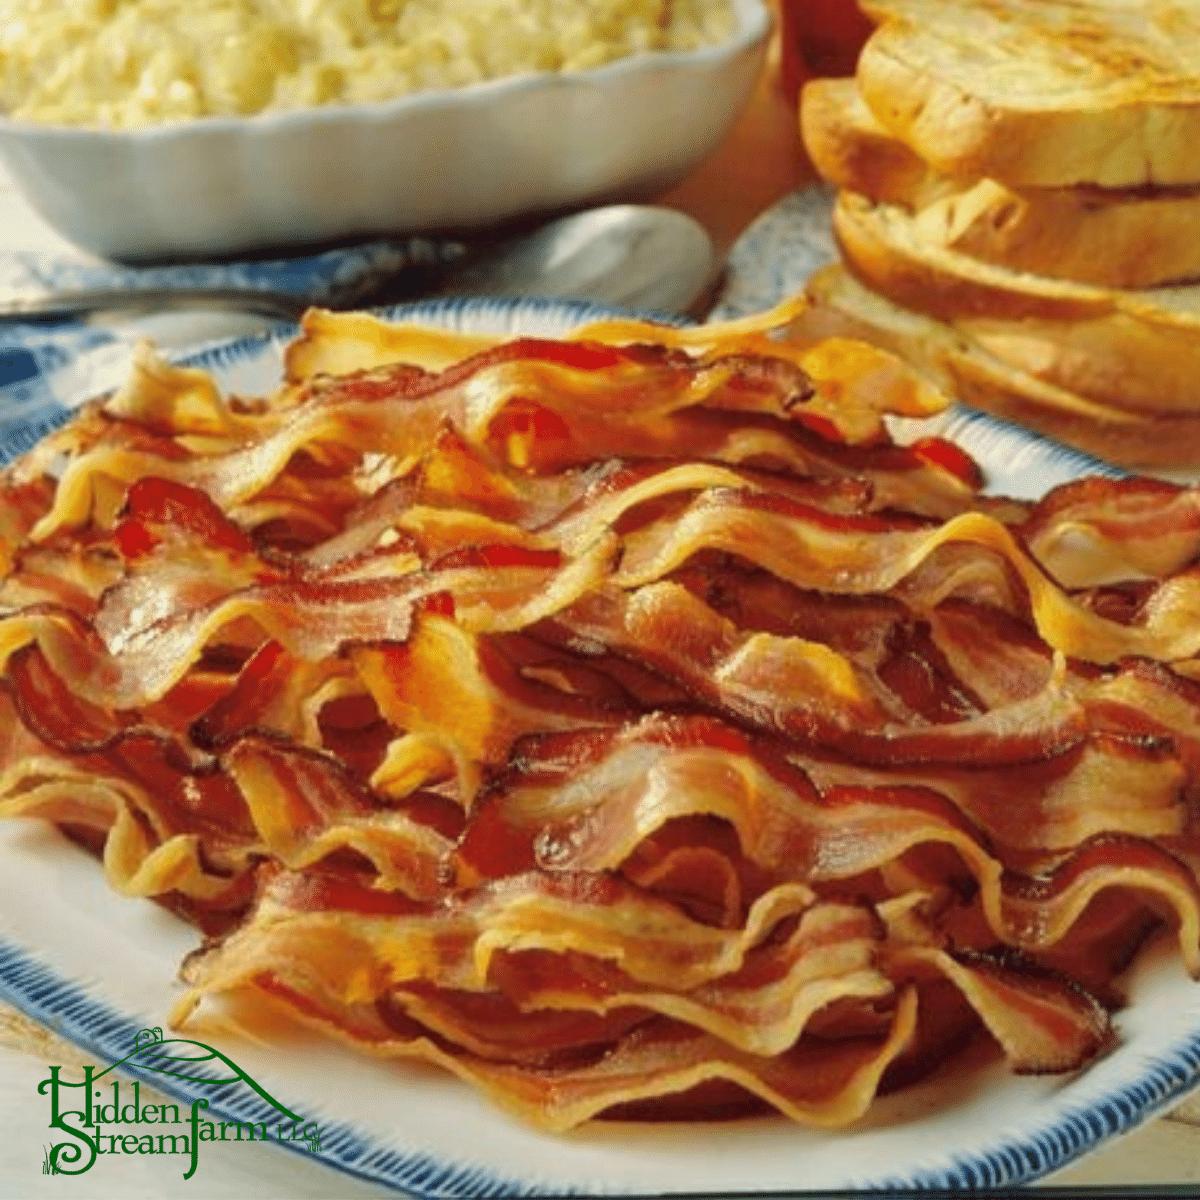 All Natural Bacon No Nitrates